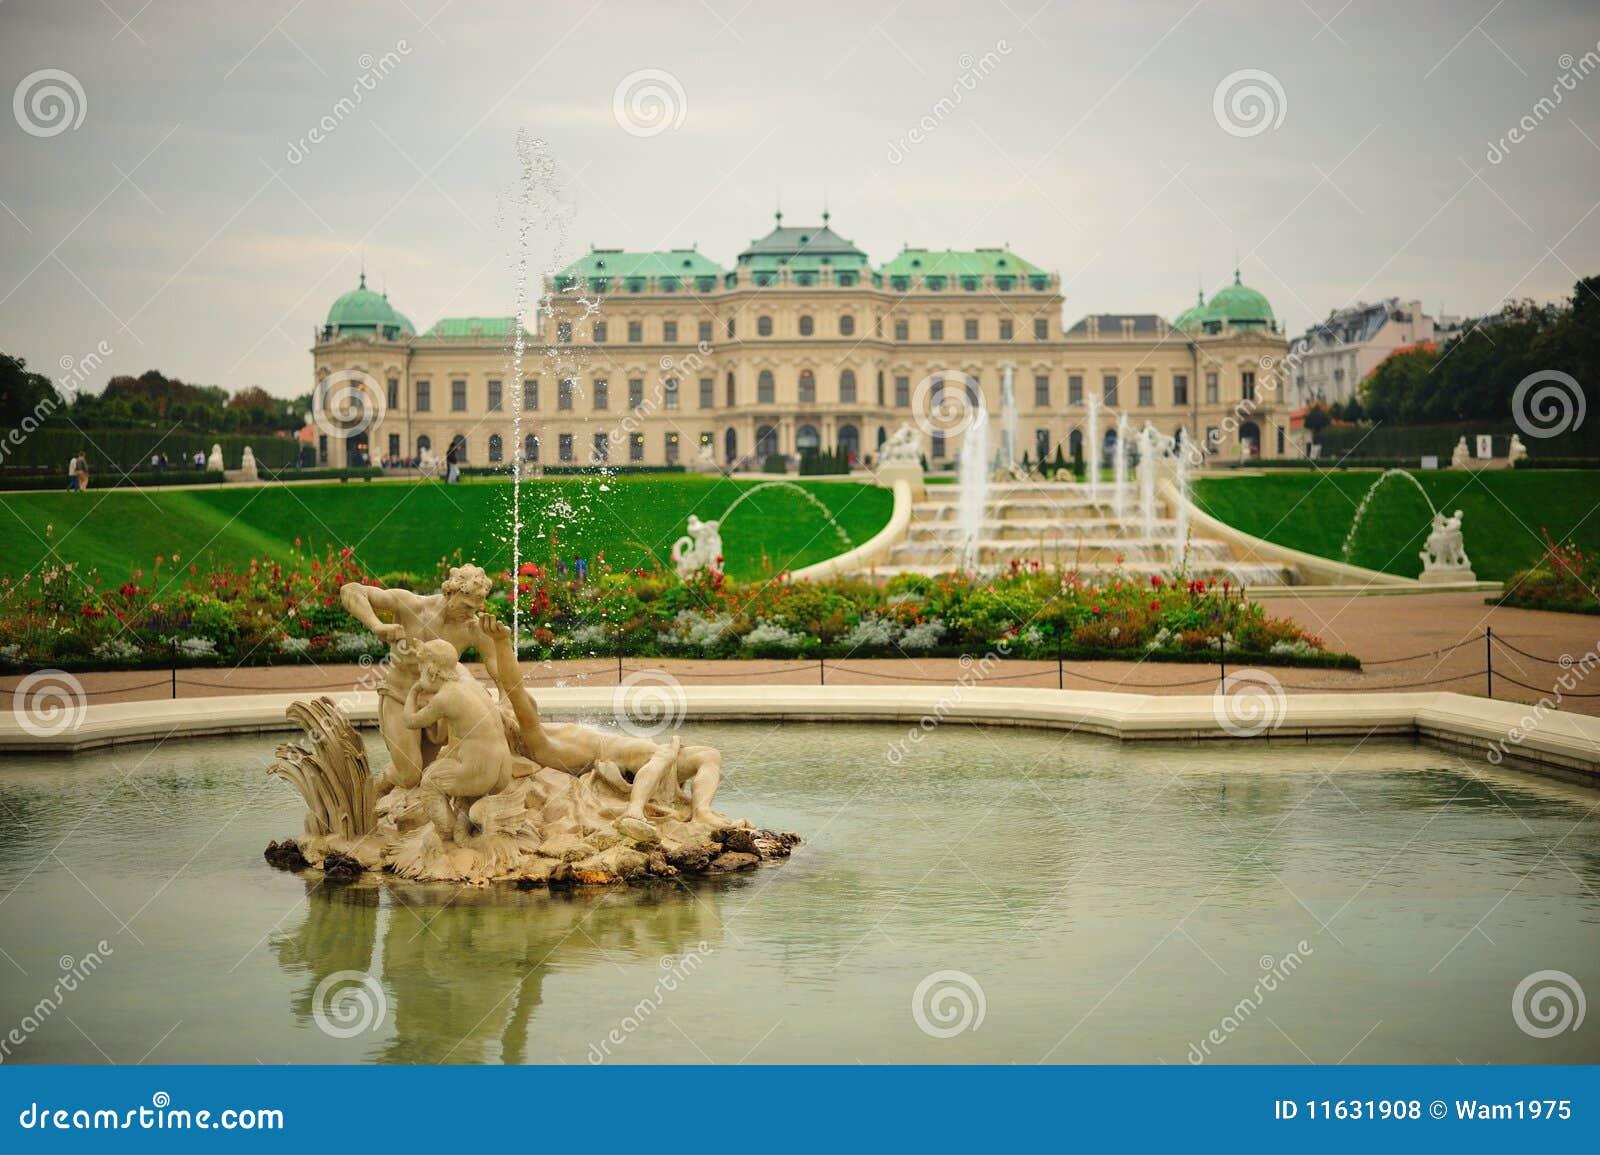 Palazzo di belvedere